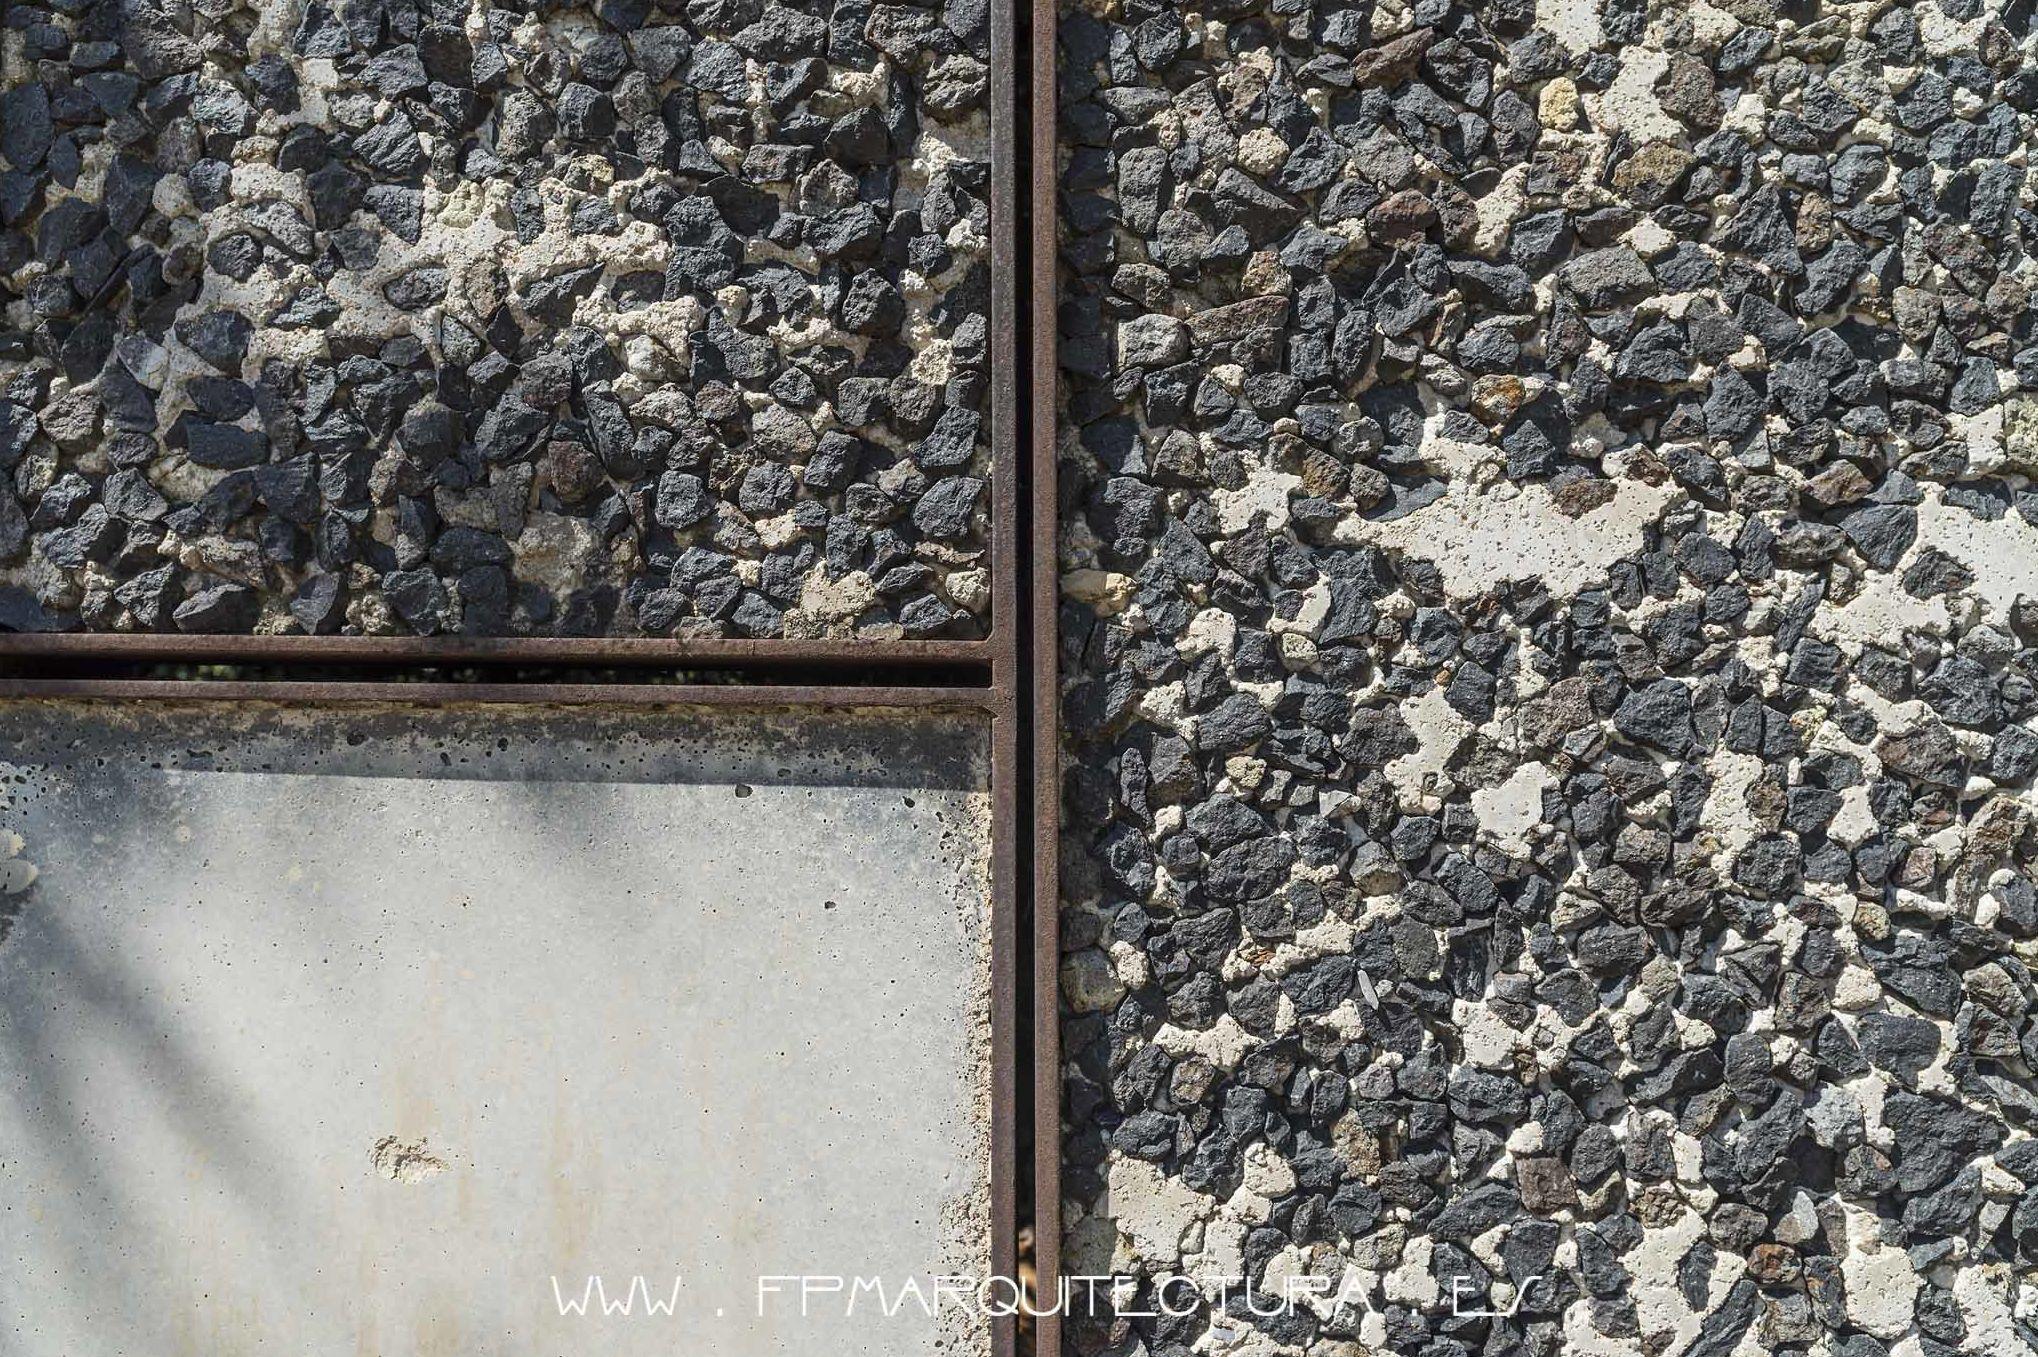 Textura. Hormigón. Acero Corten y Piedra Volcánica. Olot.  Fpmarquitectura